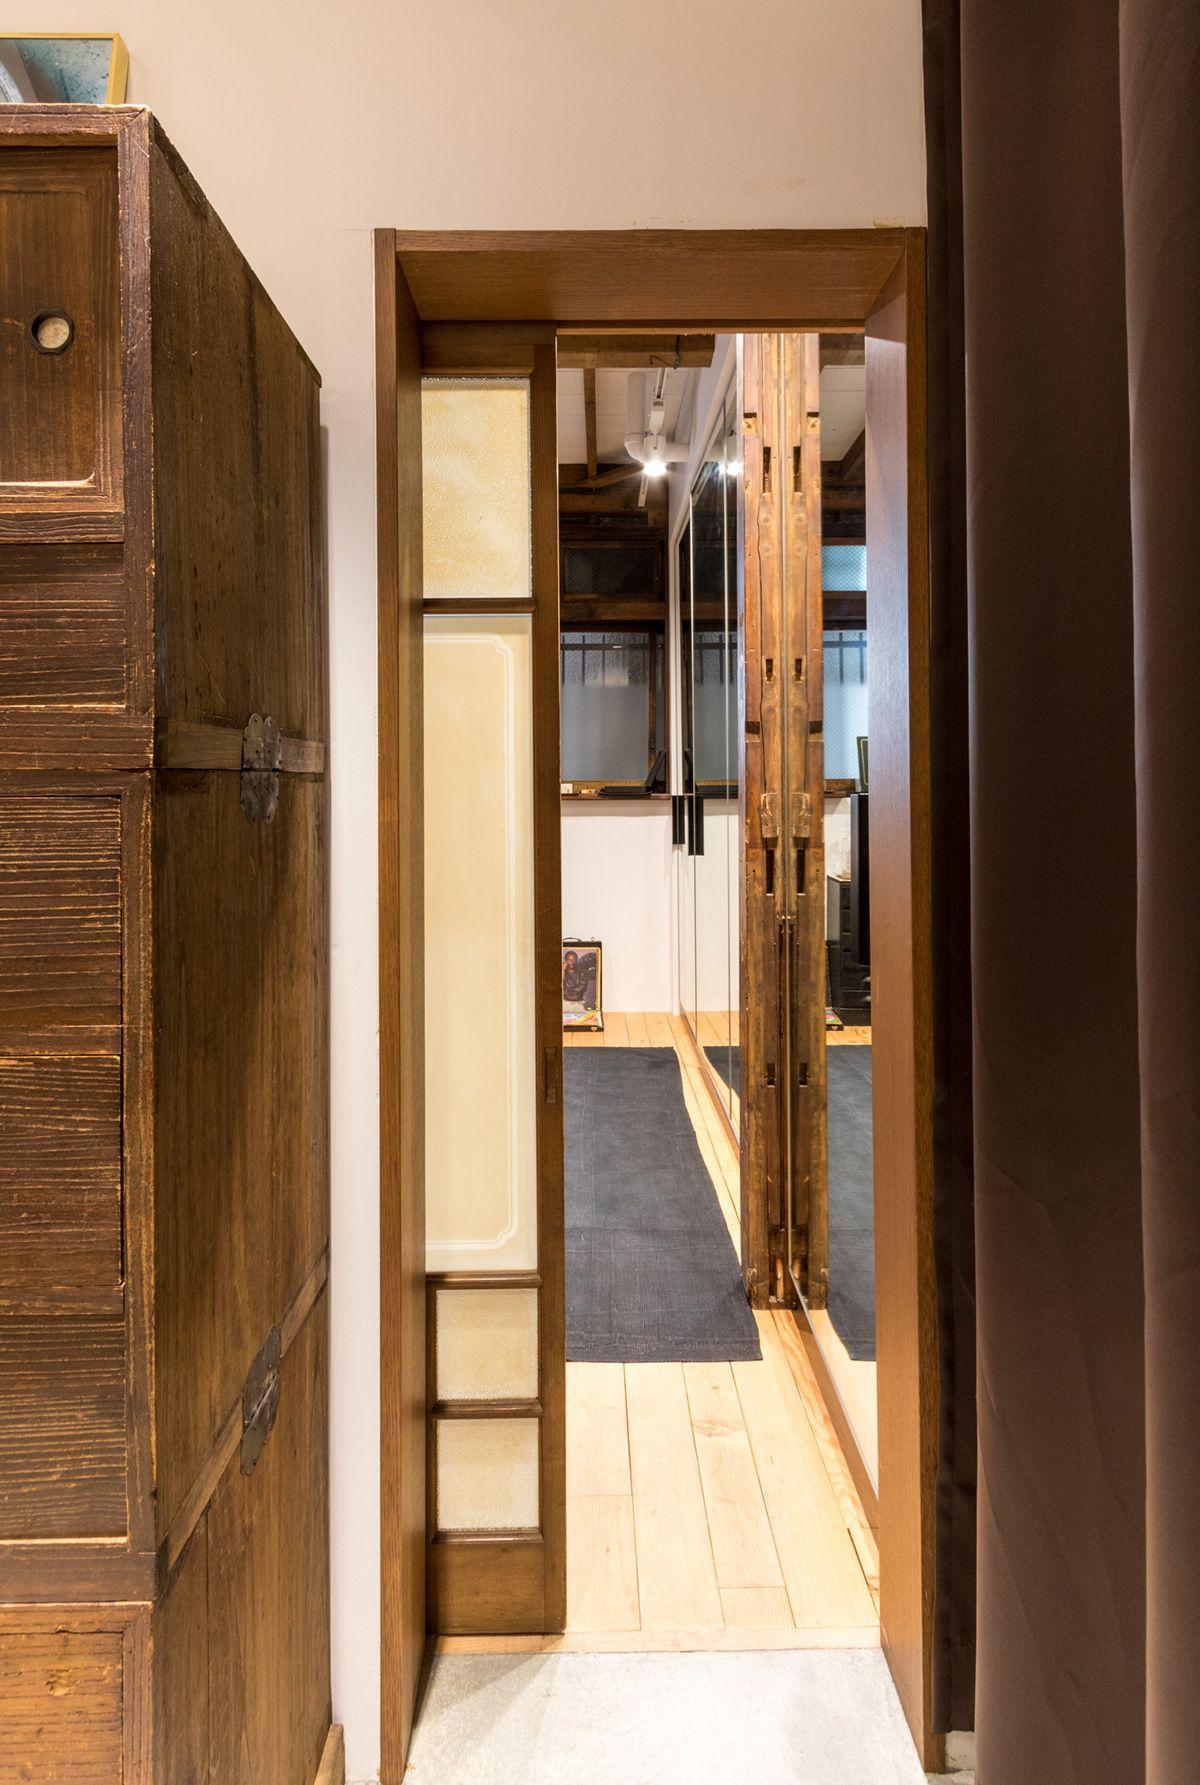 ノルウェージャン・レイン&T-マイケル東京ストア (shop)1F 控え室としても利用可